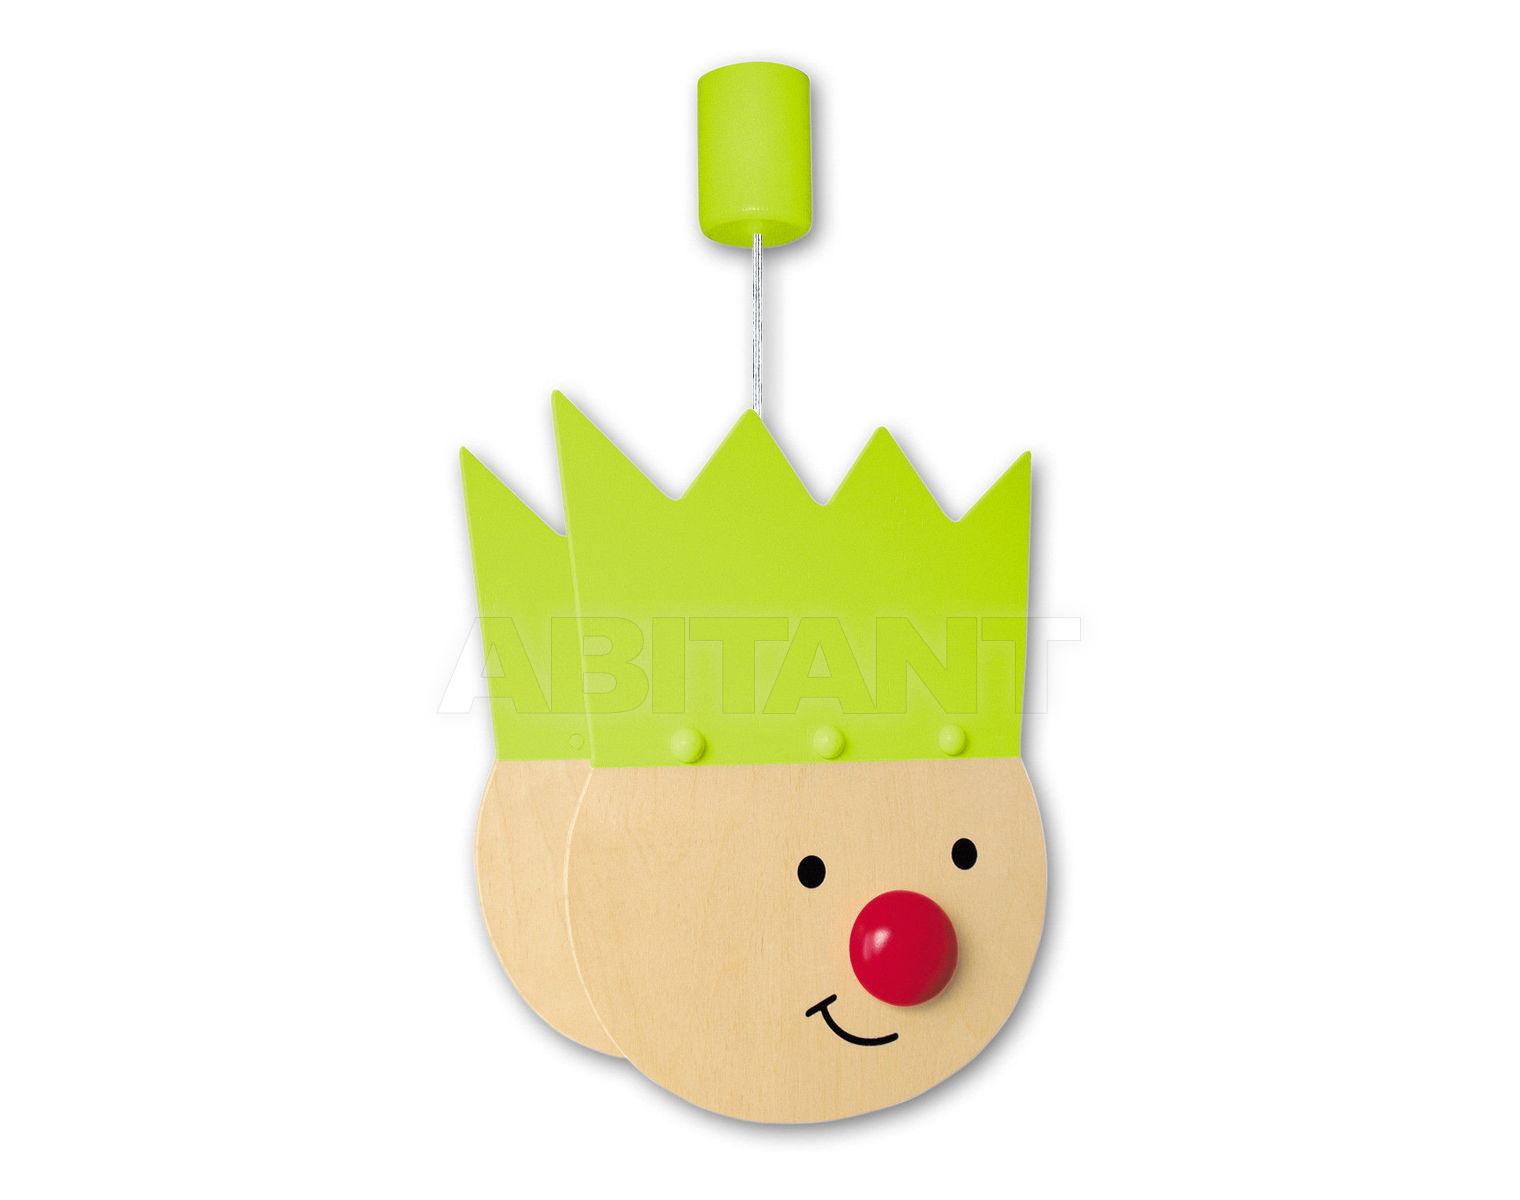 Купить Светильник для детской  Waldi Leuchten Lampen Fur Kinder 2012 65432.0